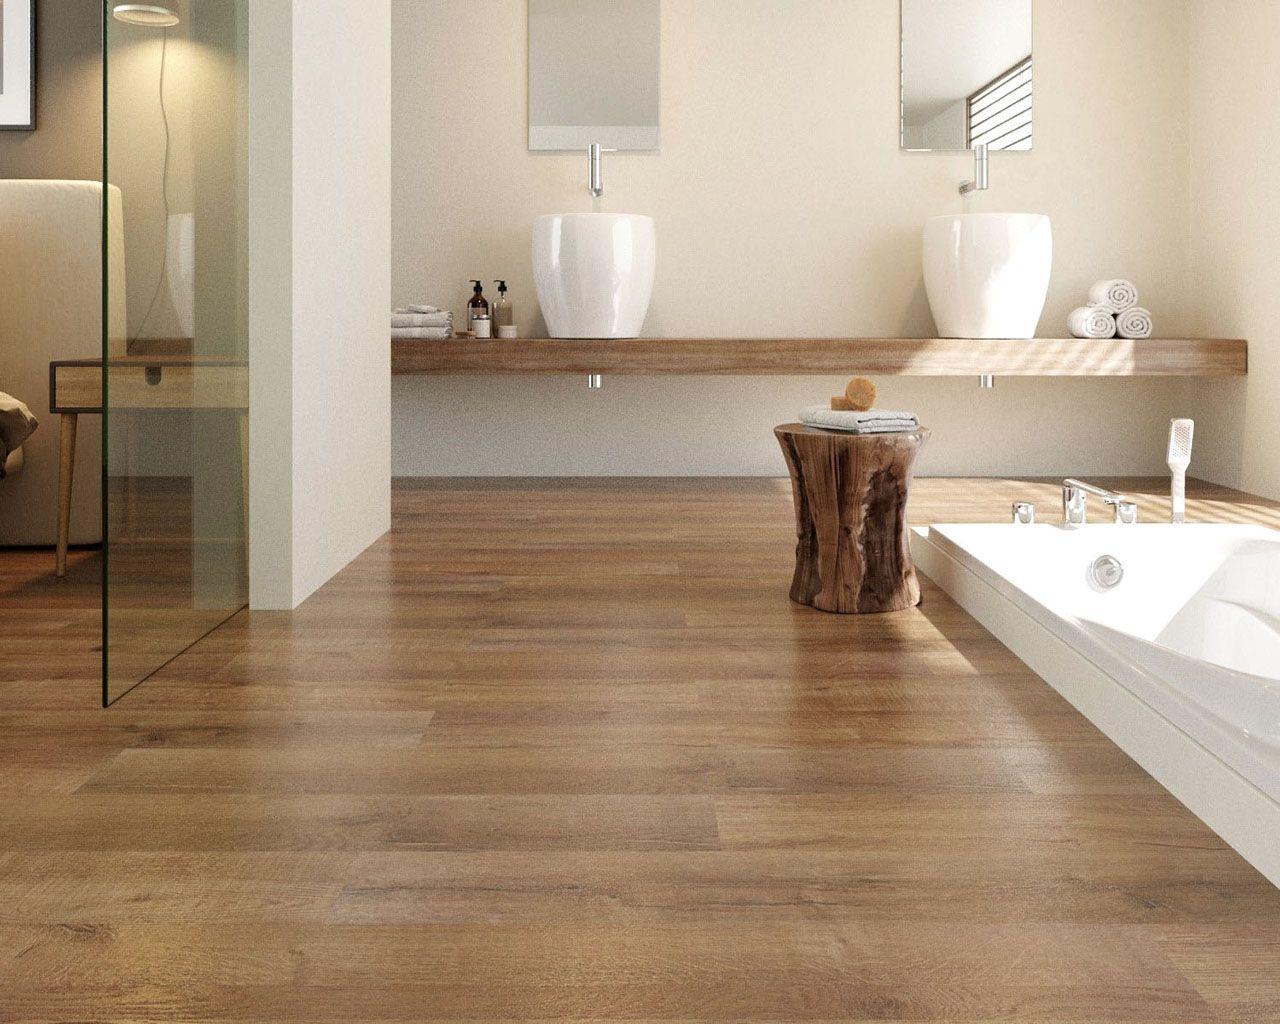 Maxifloor Sense Roble 5 5 Mm Waterproof Floor Waterproof Flooring Composite Flooring Flooring